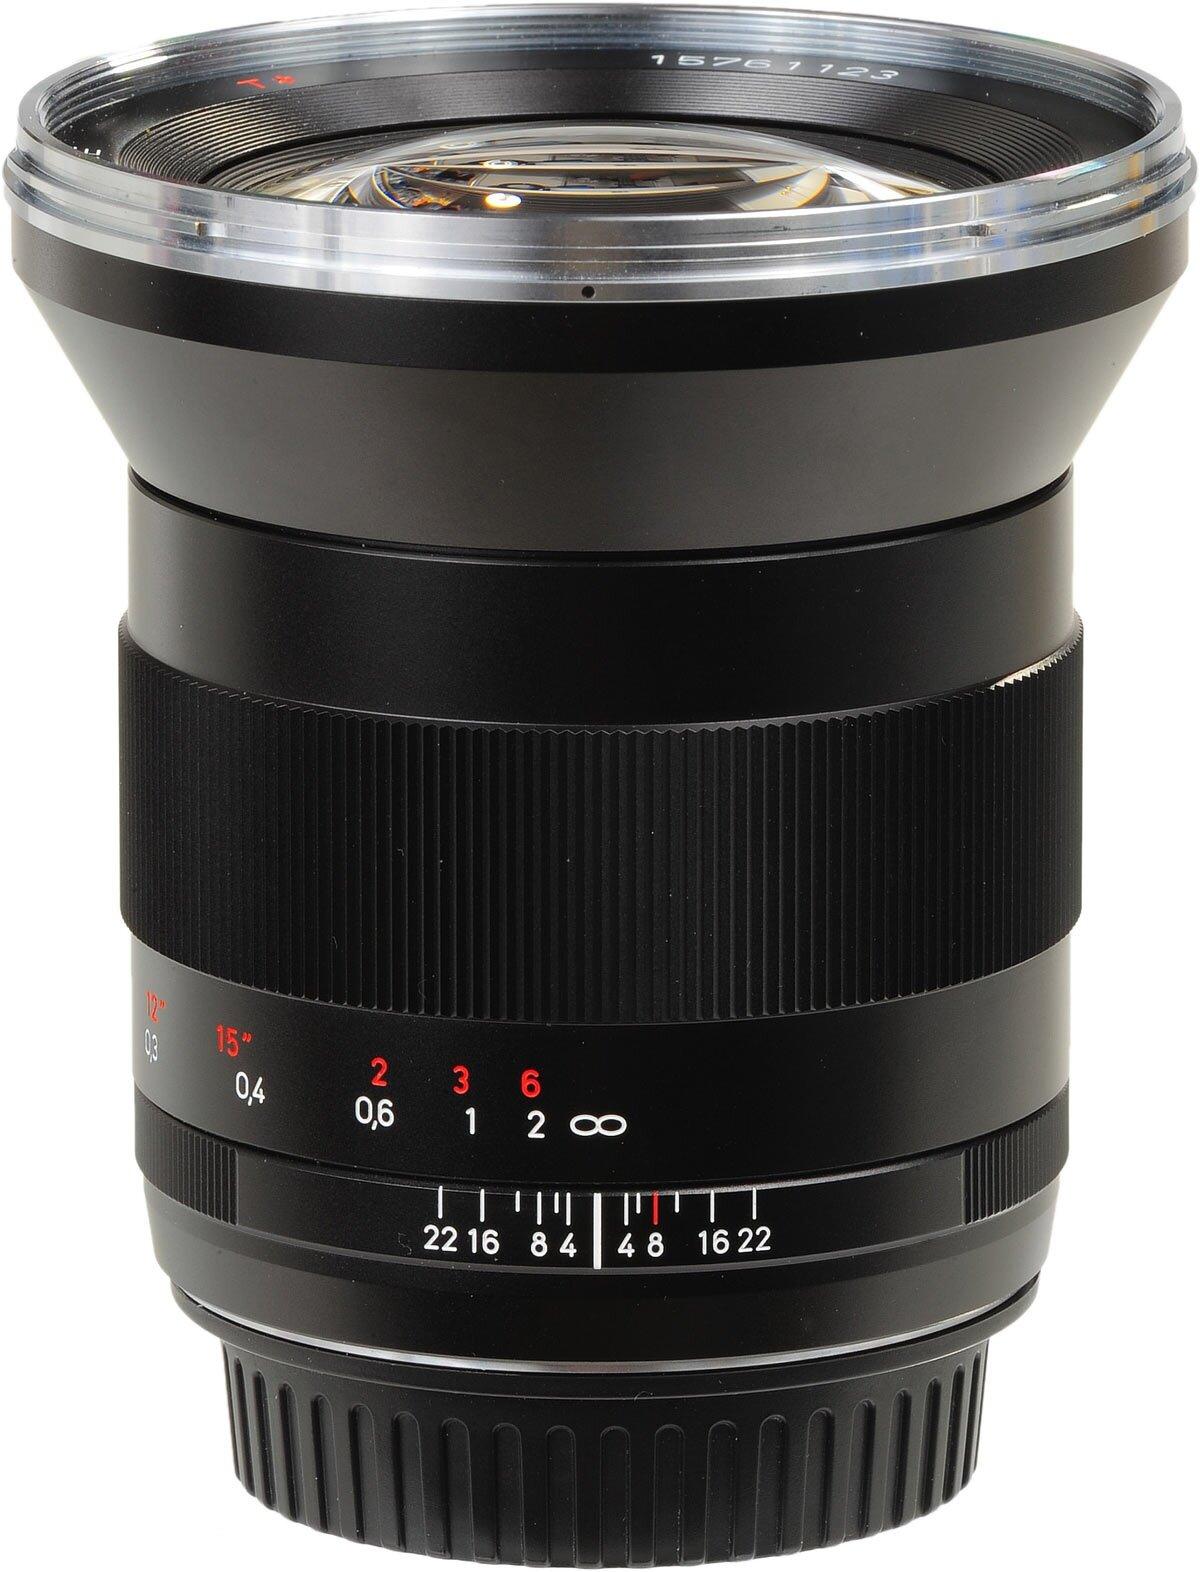 Ống kính Carl Zeiss Distagon 21mm F2.8 ZE